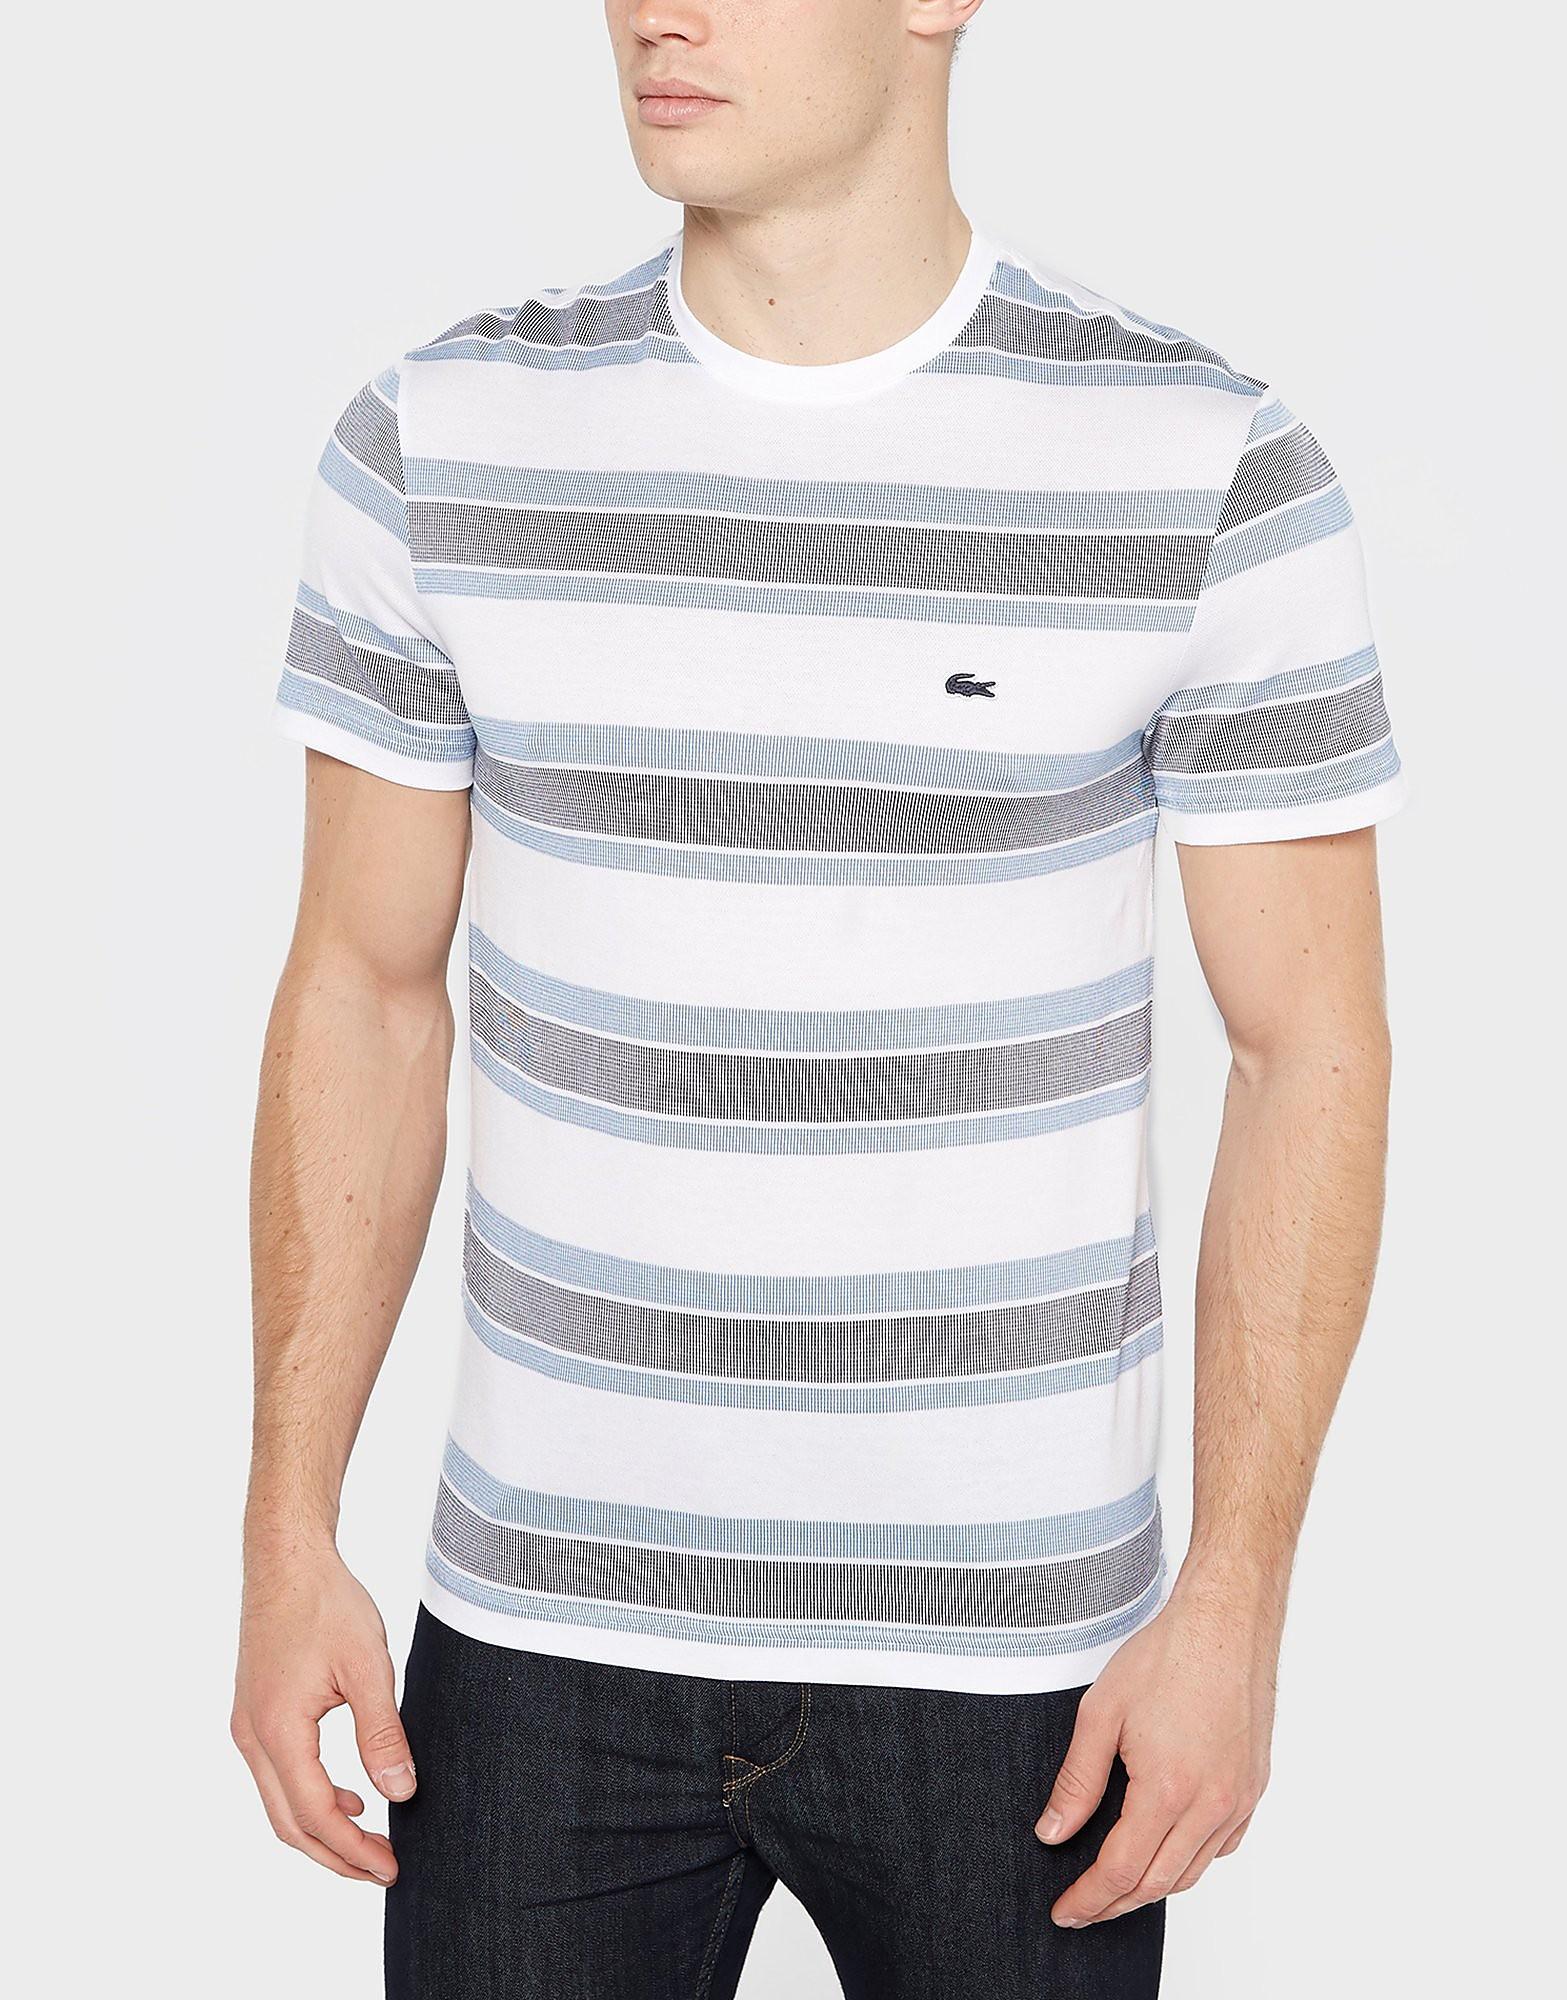 Lacoste Jacquard Stripe T-Shirt